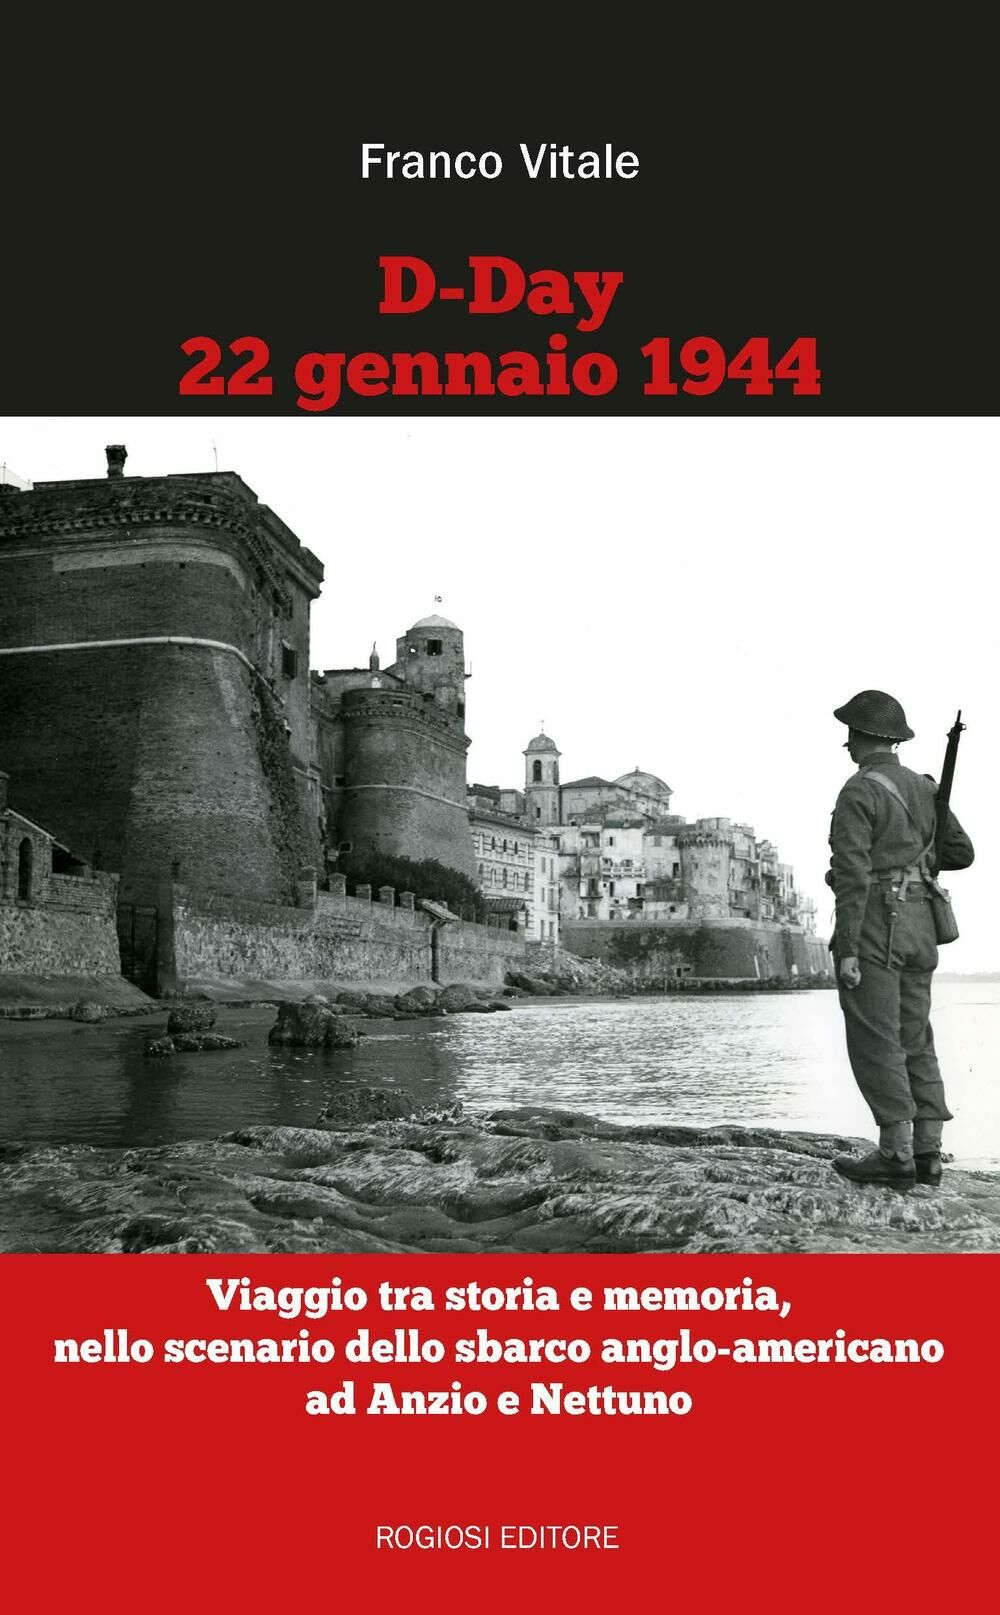 D-Day 22 gennaio 1944. Viaggio tra storia e memoria, nello scenario dello sbarco anglo-americano ad Anzio e Nettuno